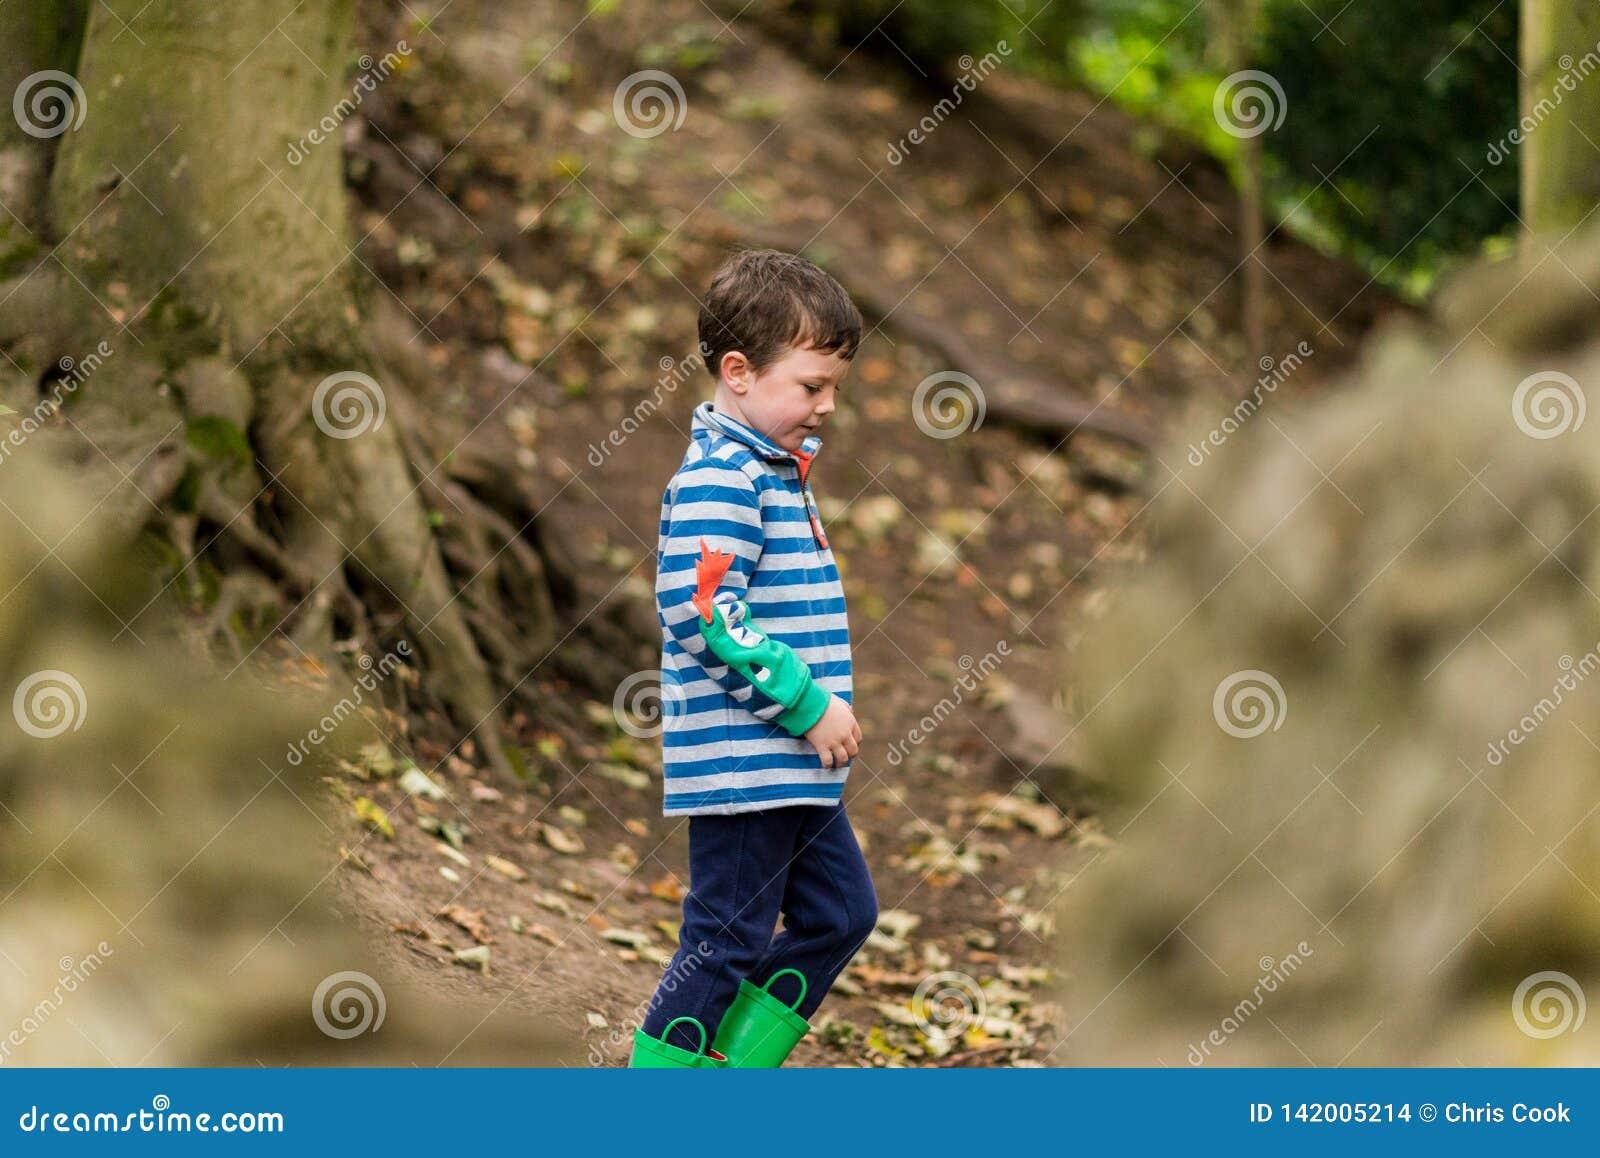 Ein kleiner Junge hat ein Abenteuer durch einen Wald